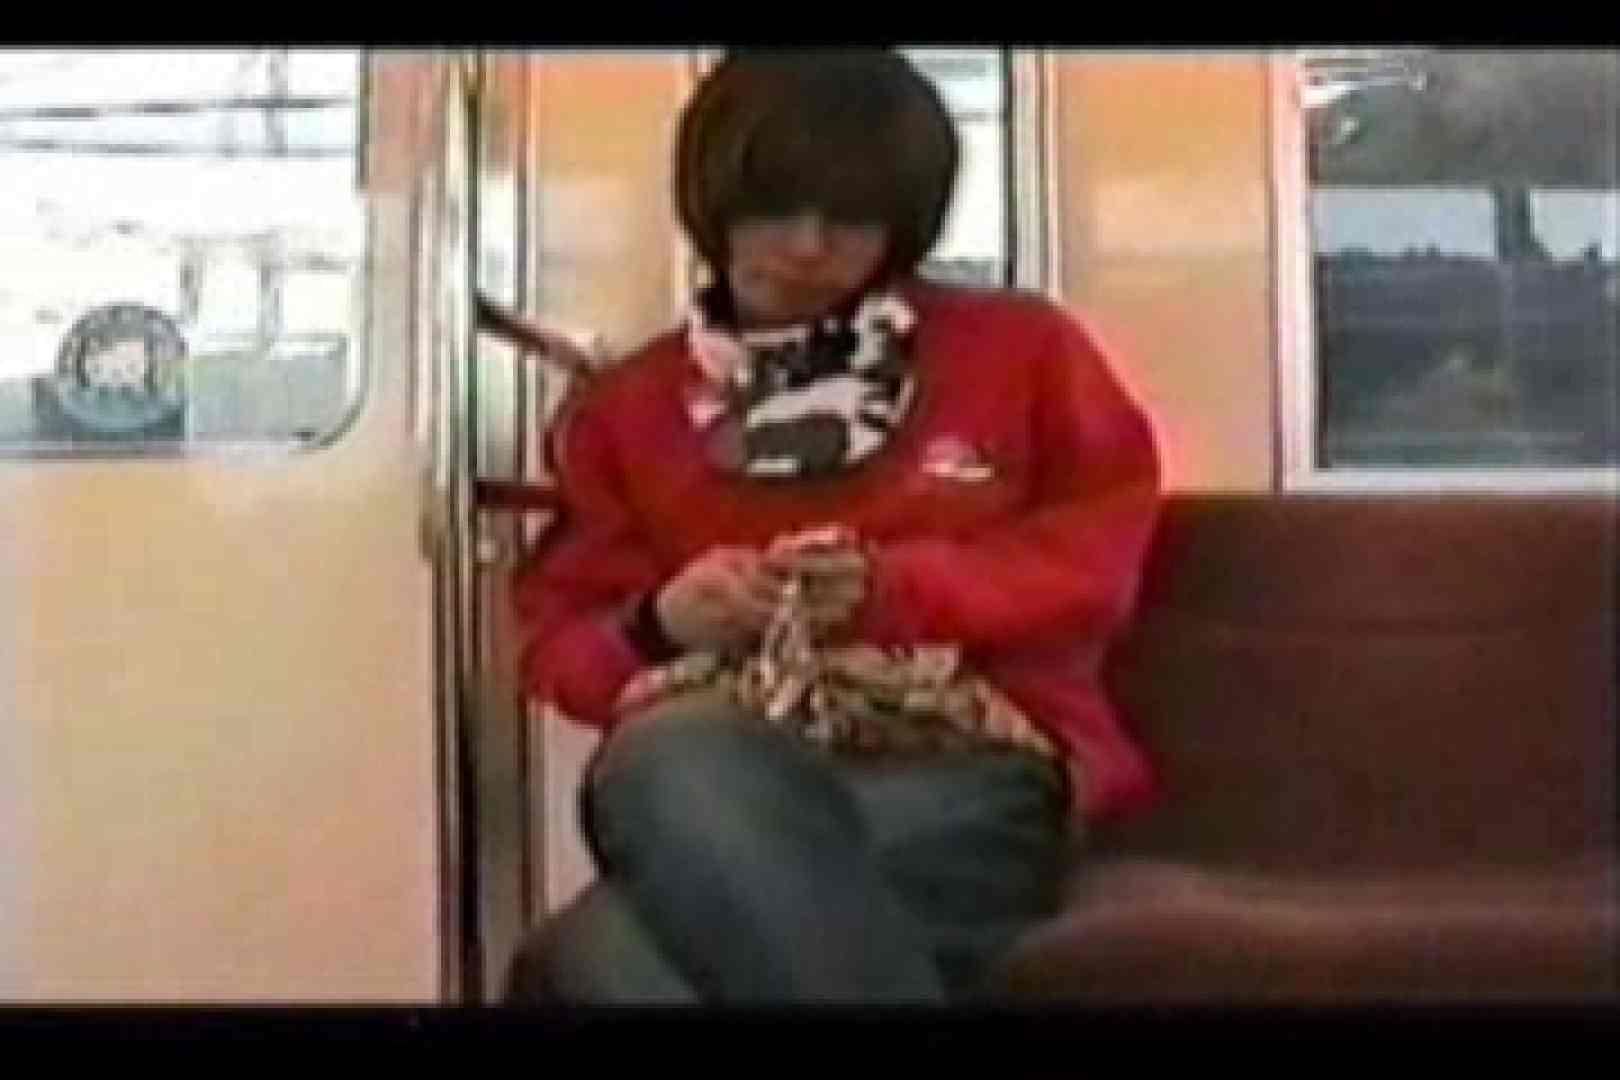 オールドゲイシリーズ  美少年ひかるのオープンファック イケメン  106pic 4